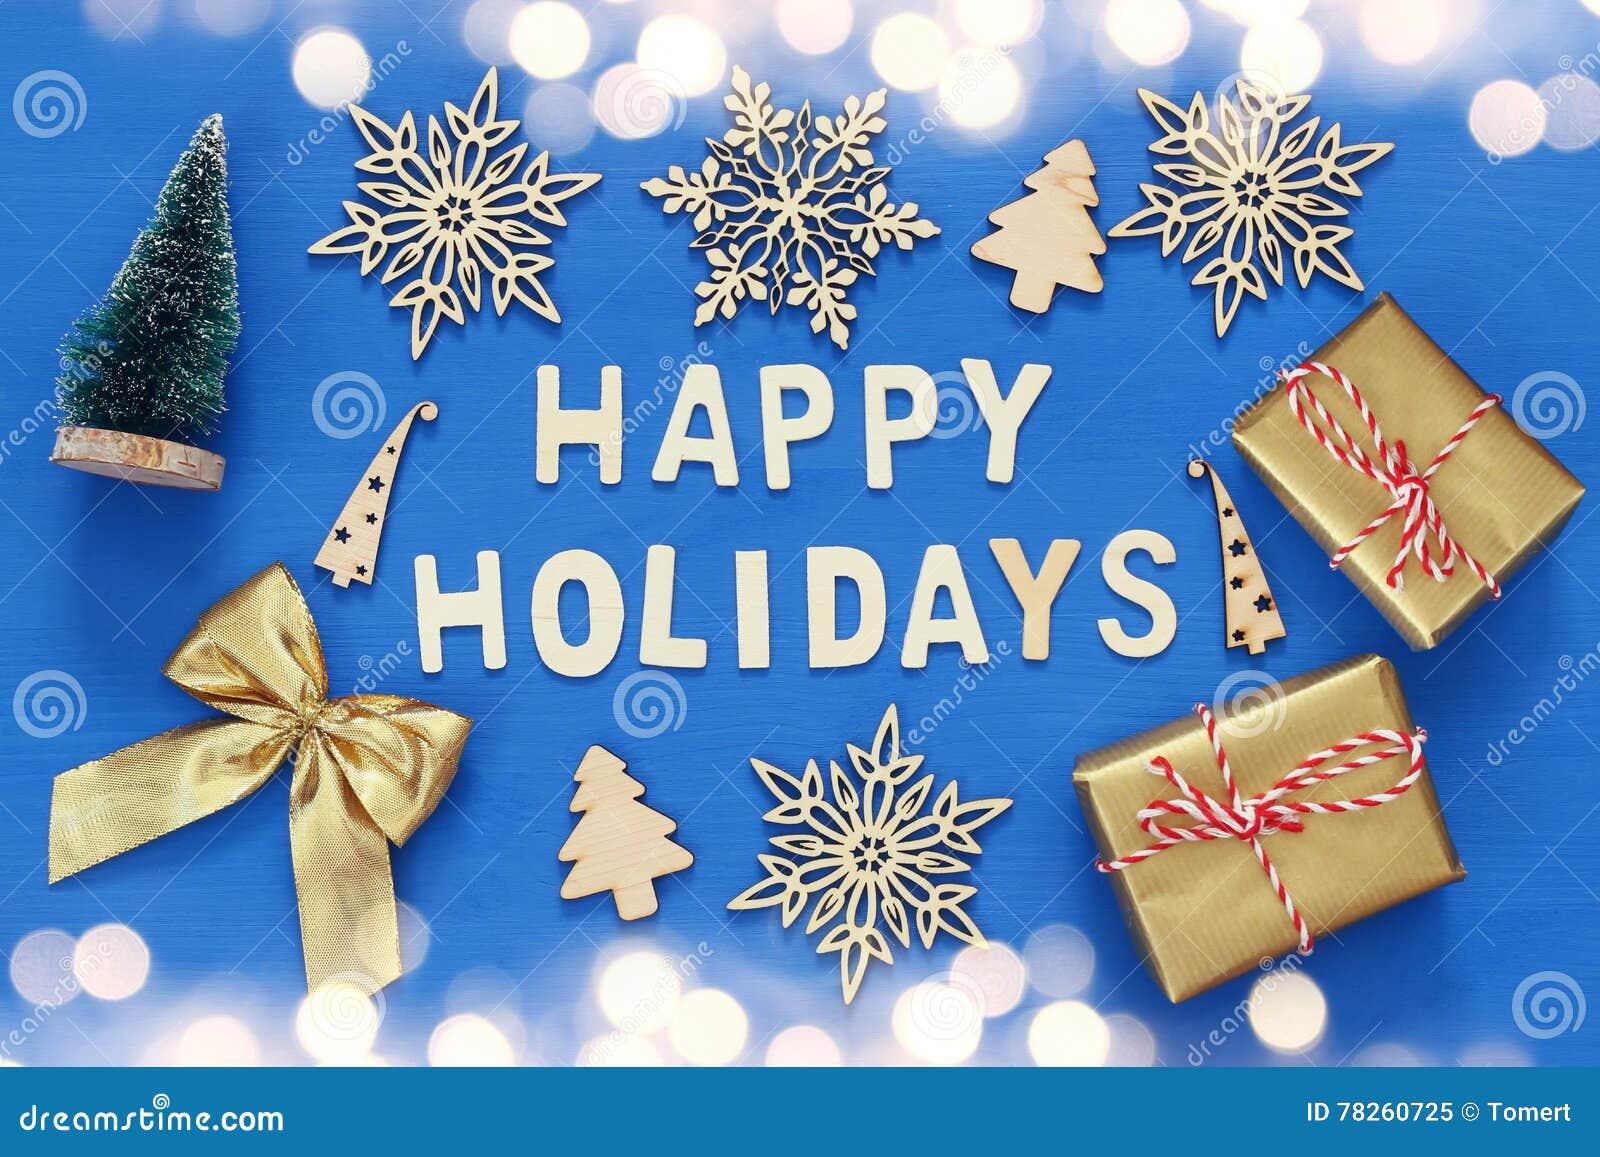 χειροποίητα κιβώτια δώρων, διακοσμητικά snowflakes, χριστουγεννιάτικο δέντρο